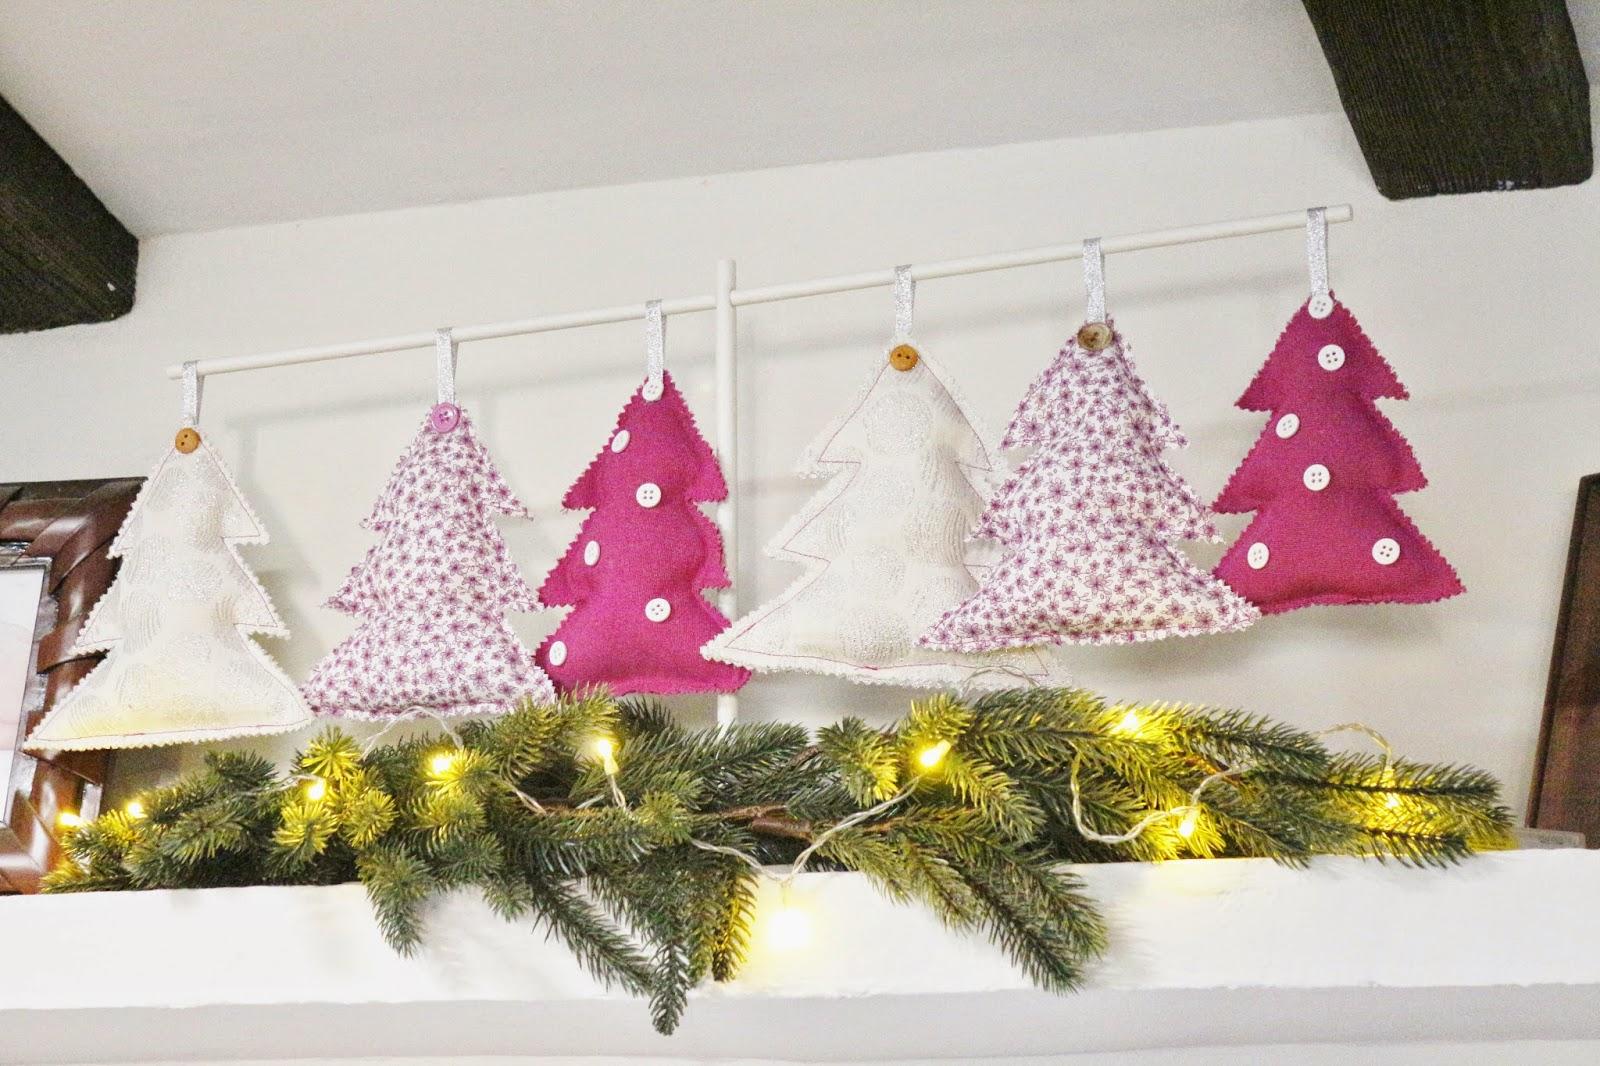 Como Hacer Adornos De Navidad Unicos El Blog De Coser Facil Y Mas - Adornos-de-navidad-reciclados-como-hacerlos